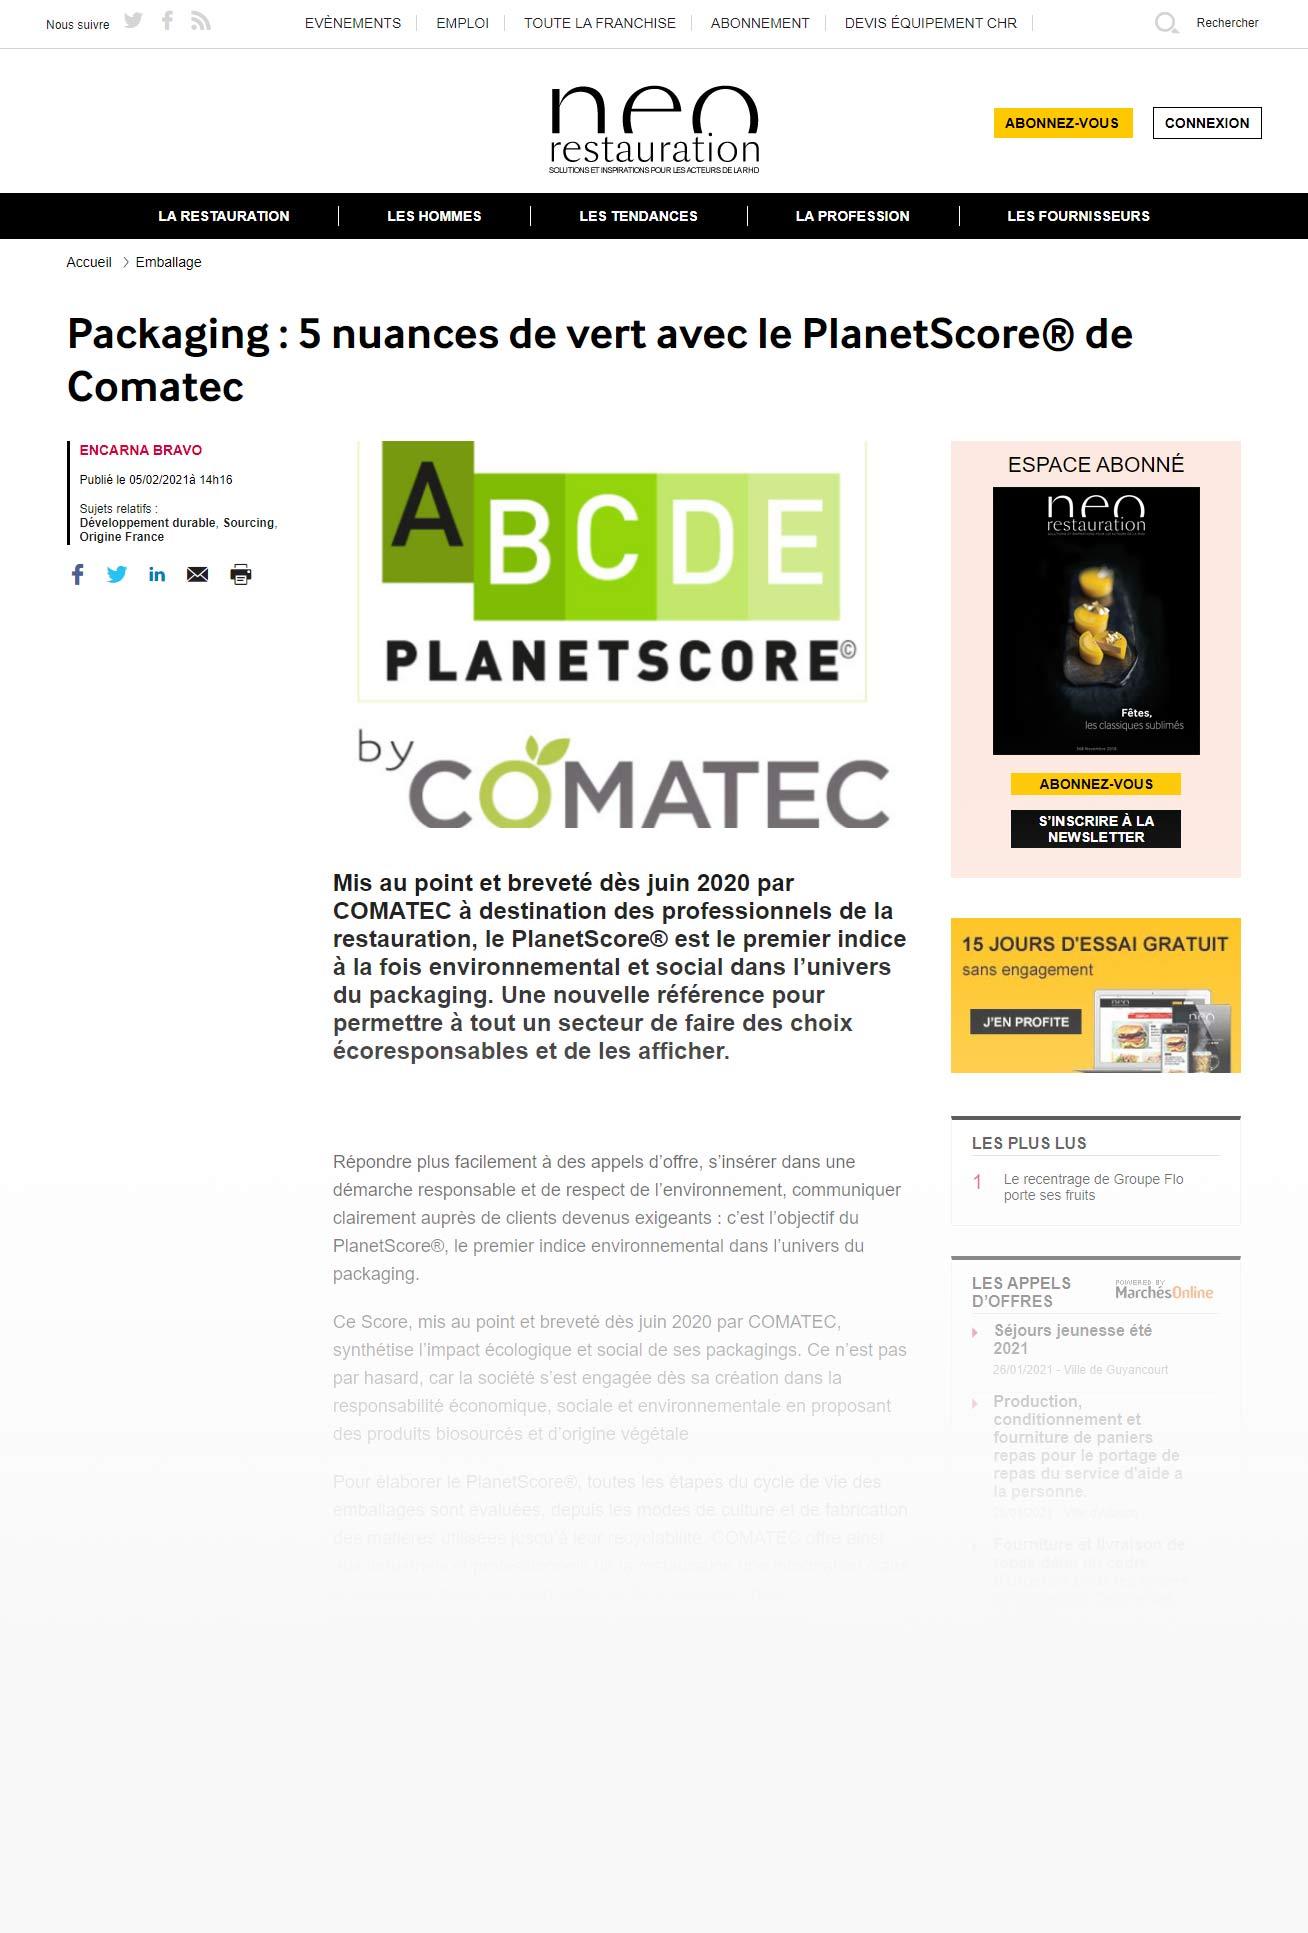 Le magazine Neo Restauration met le PlanetScore© de Comatec en lumière